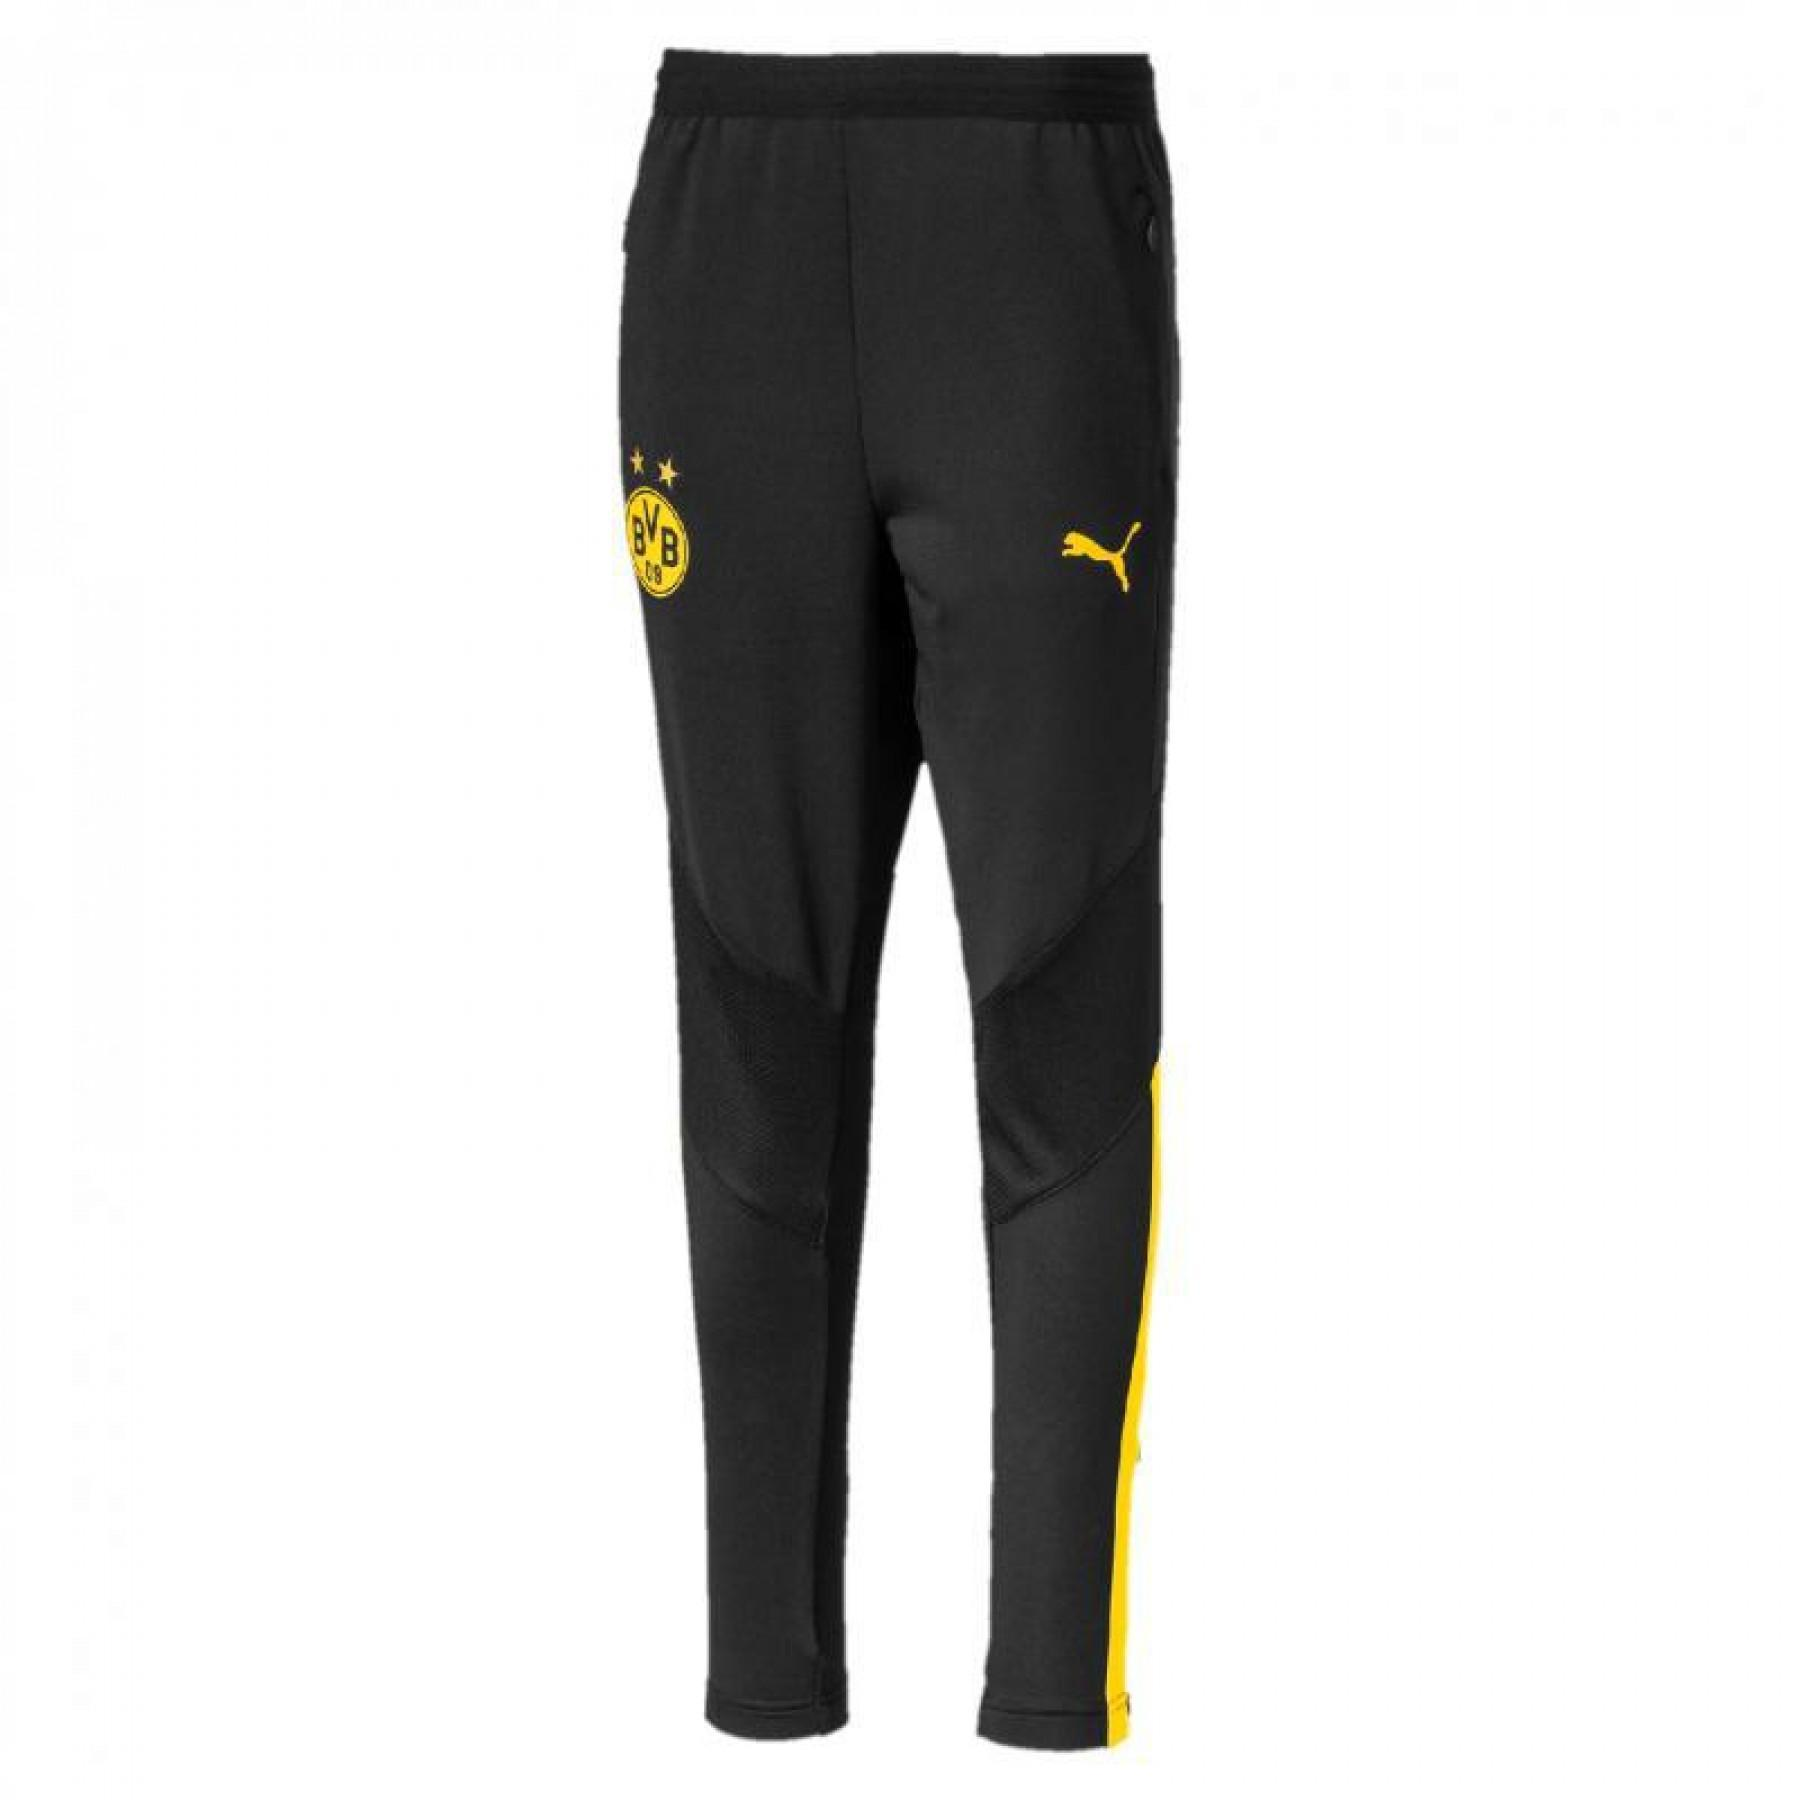 Pantaloni da allenamento junior Borussia Dortmund 2019/20